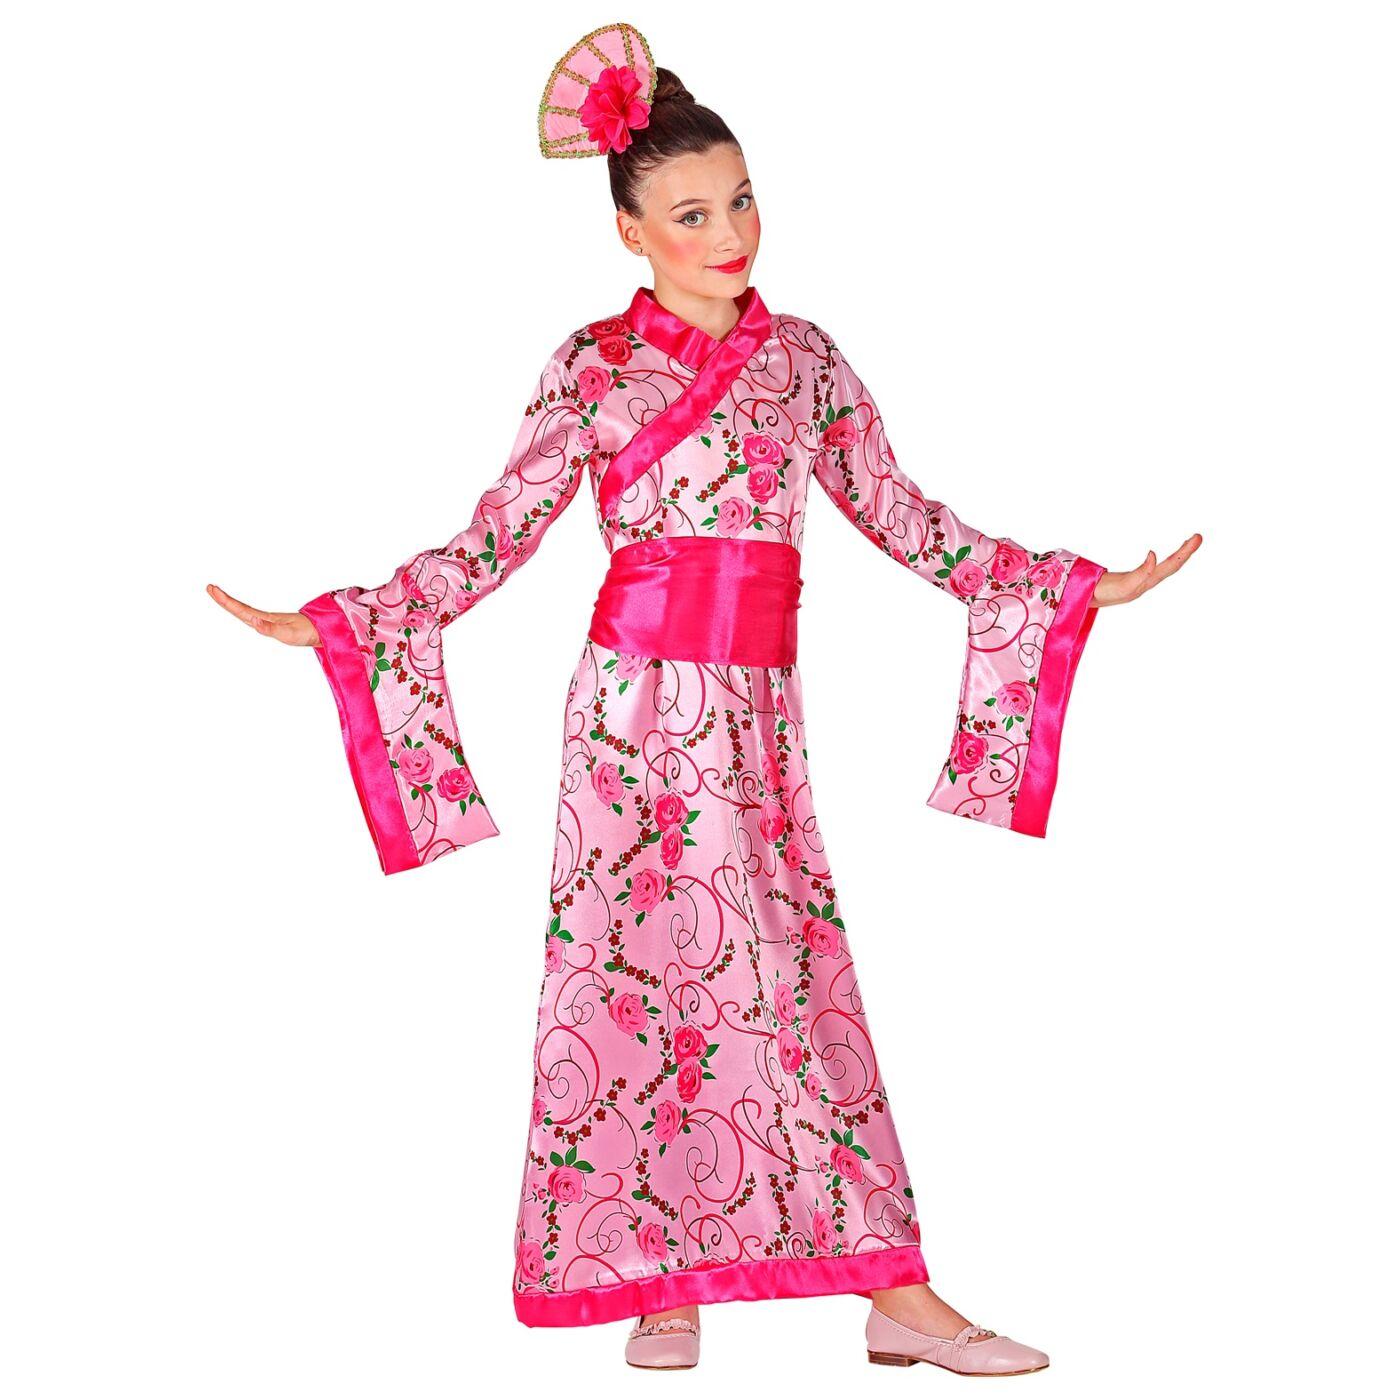 Ázsiai hercegnő jelmez 128-as